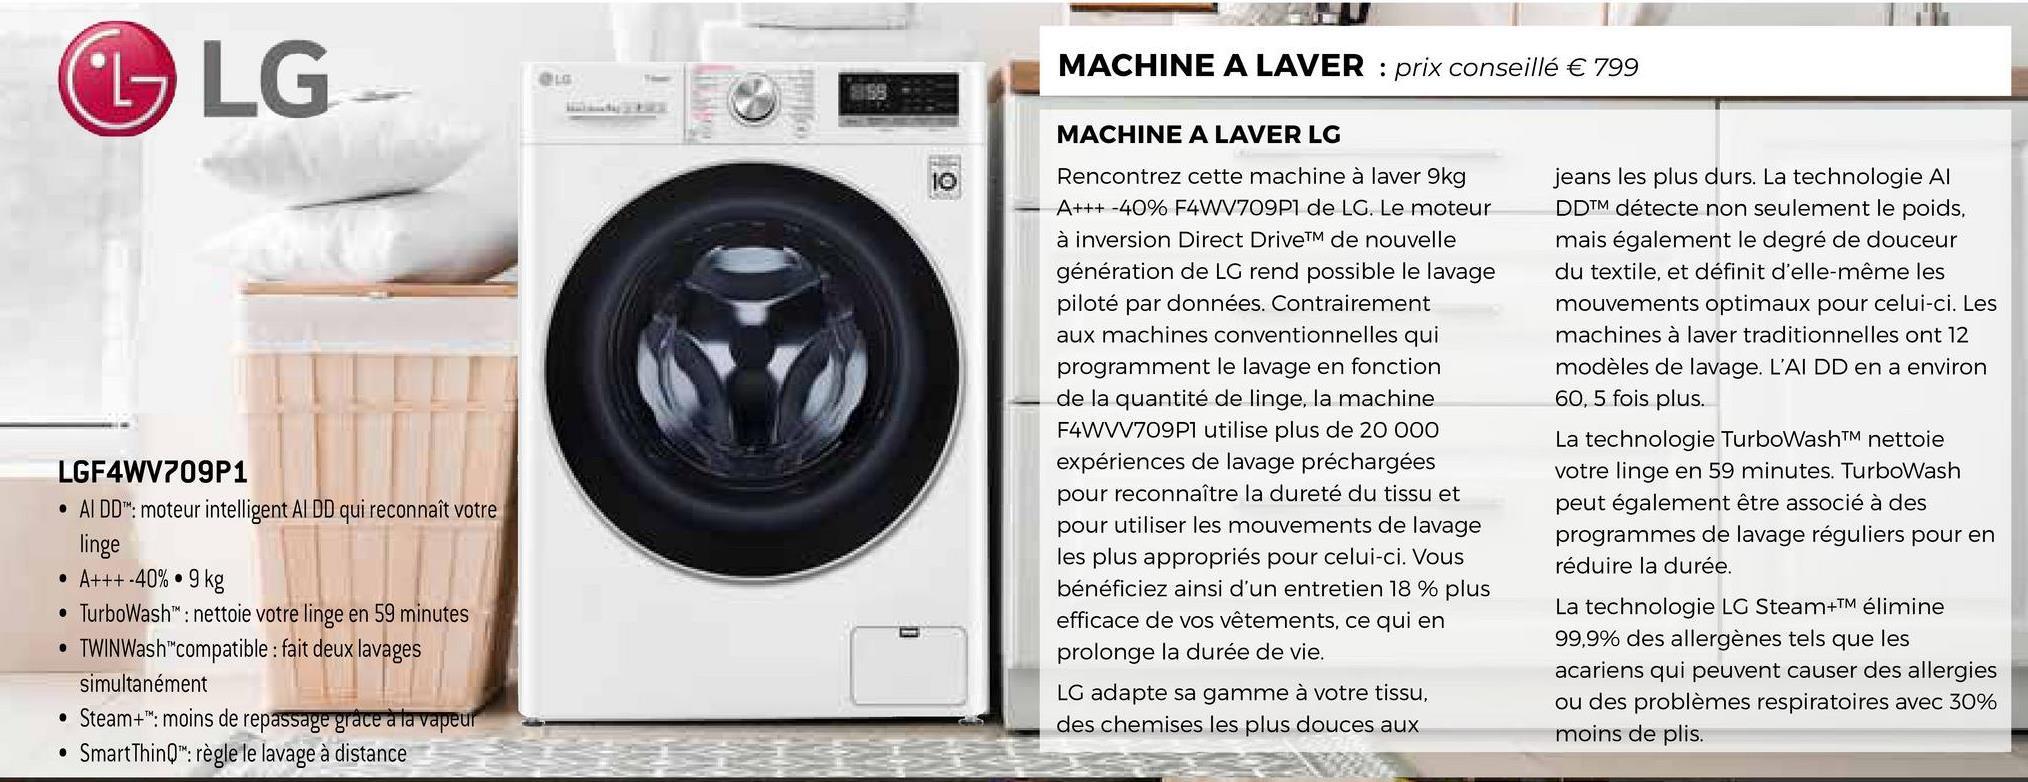 """L LG MACHINE A LAVER : prix conseillé € 799 MACHINE A LAVER LG Rencontrez cette machine à laver 9kg A+++ -40% F4WV709P1 de LG. Le moteur à inversion Direct DriveTM de nouvelle génération de LG rend possible le lavage piloté par données. Contrairement aux machines conventionnelles qui programment le lavage en fonction de la quantité de linge, la machine F4WW709P1 utilise plus de 20 000 expériences de lavage préchargées pour reconnaître la dureté du tissu et pour utiliser les mouvements de lavage les plus appropriés pour celui-ci. Vous bénéficiez ainsi d'un entretien 18 % plus efficace de vos vêtements, ce qui en prolonge la durée de vie. LGF4WV709P1 • AIDD""""*: moteur intelligent AlDD qui reconnaît votre linge • A+++-40%.9 kg • TurboWash™: nettoie votre linge en 59 minutes • TWINWash""""compatible : fait deux lavages simultanément • Steam+"""": moins de repassage grâce à la vapeur • SmartThinQ"""": règle le lavage à distance jeans les plus durs. La technologie Al DDTM détecte non seulement le poids, mais également le degré de douceur du textile, et définit d'elle-même les mouvements optimaux pour celui-ci. Les machines à laver traditionnelles ont 12 modèles de lavage. L'AI DD en a environ 60,5 fois plus. La technologie TurboWash™ nettoie votre linge en 59 minutes. TurboWash peut également être associé à des programmes de lavage réguliers pour en réduire la durée. La technologie LG Steam+TM élimine 99,9% des allergènes tels que les acariens qui peuvent causer des allergies ou des problèmes respiratoires avec 30% moins de plis. LG adapte sa gamme à votre tissu, des chemises les plus douces aux"""